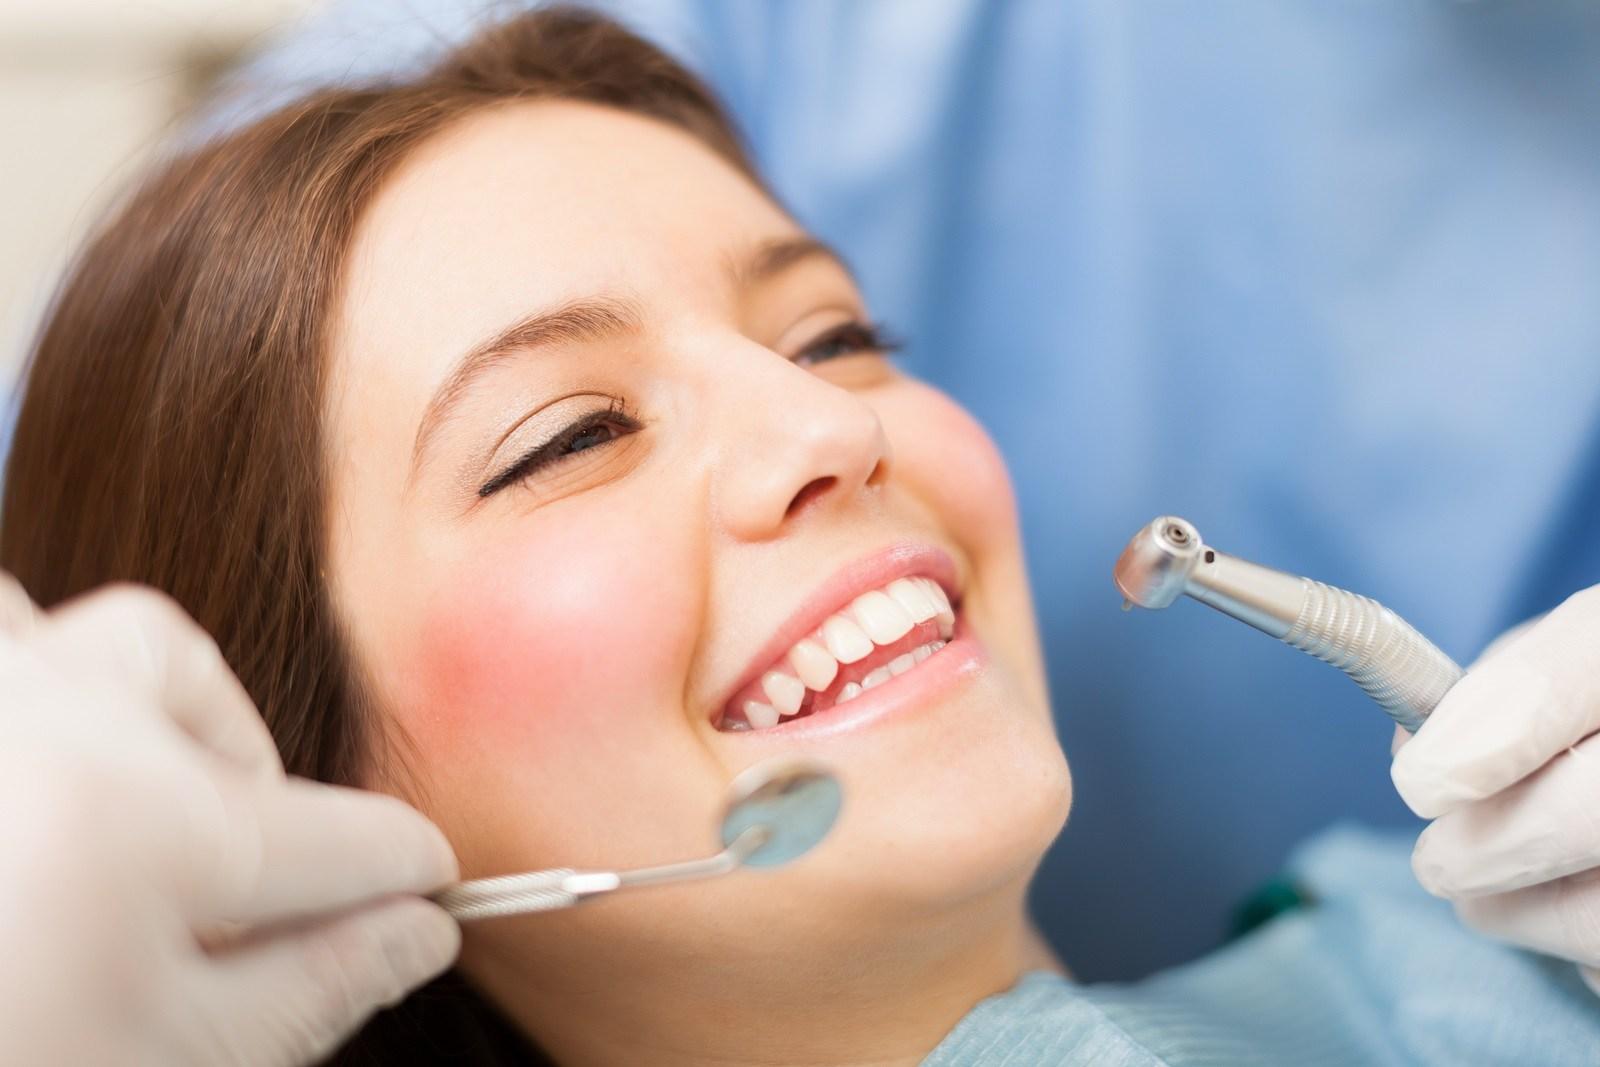 Muốn nhanh lành vết thương sau khi nhổ răng khôn, đừng quên thực hiện những điều sau